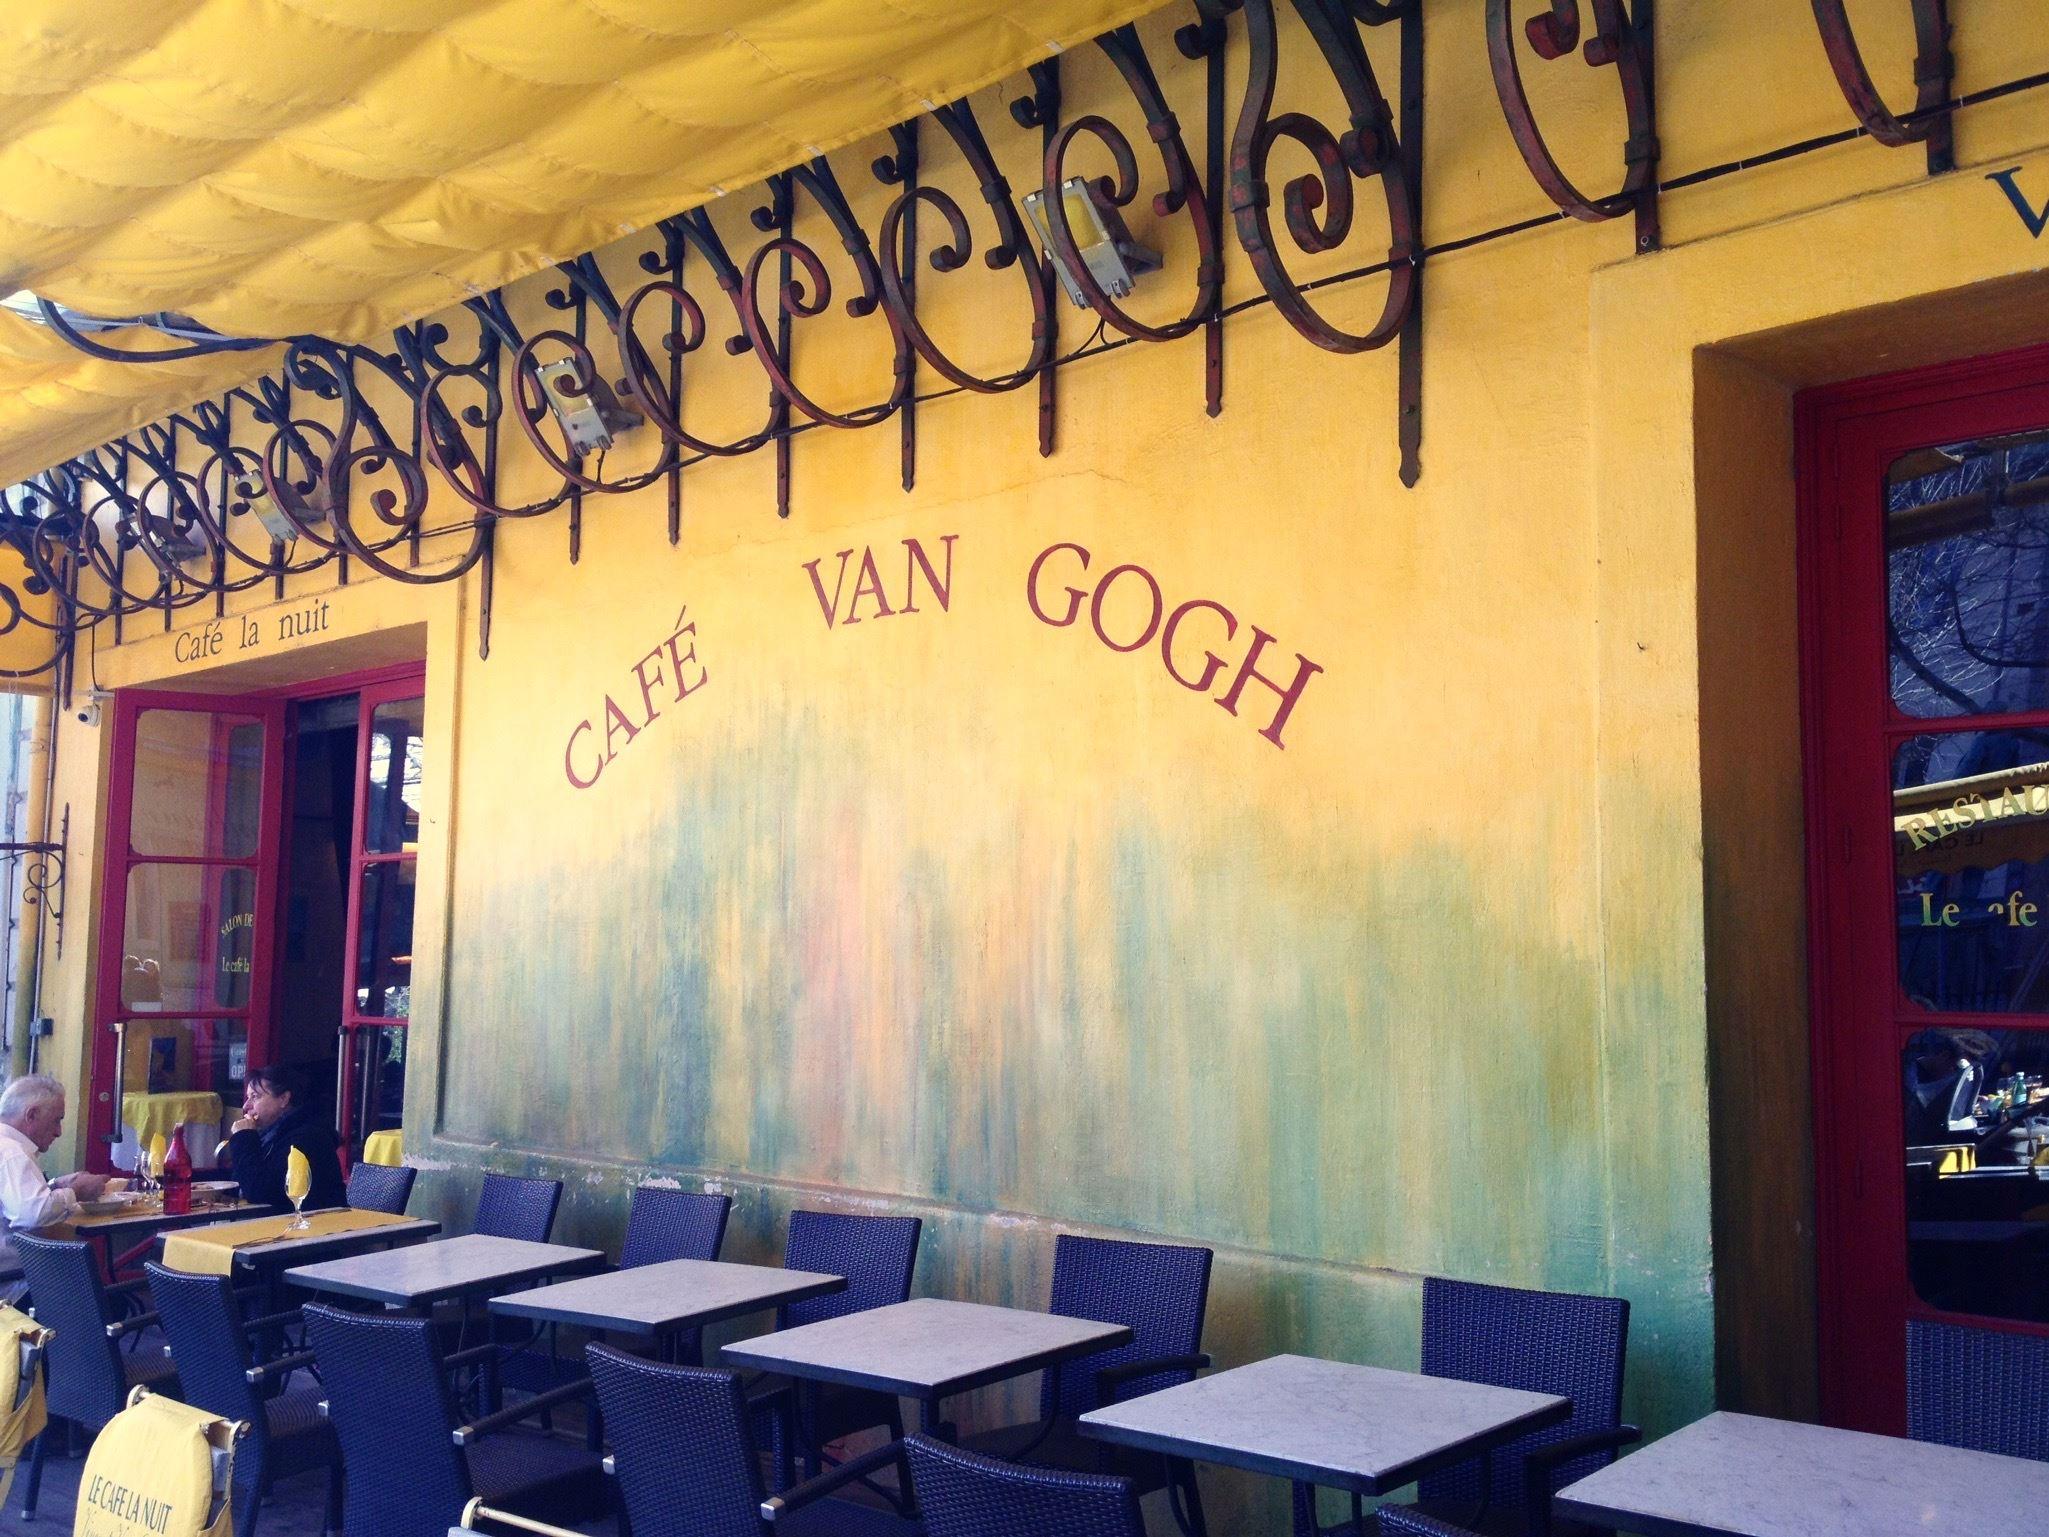 La Provence de Cesar et Van Gogh